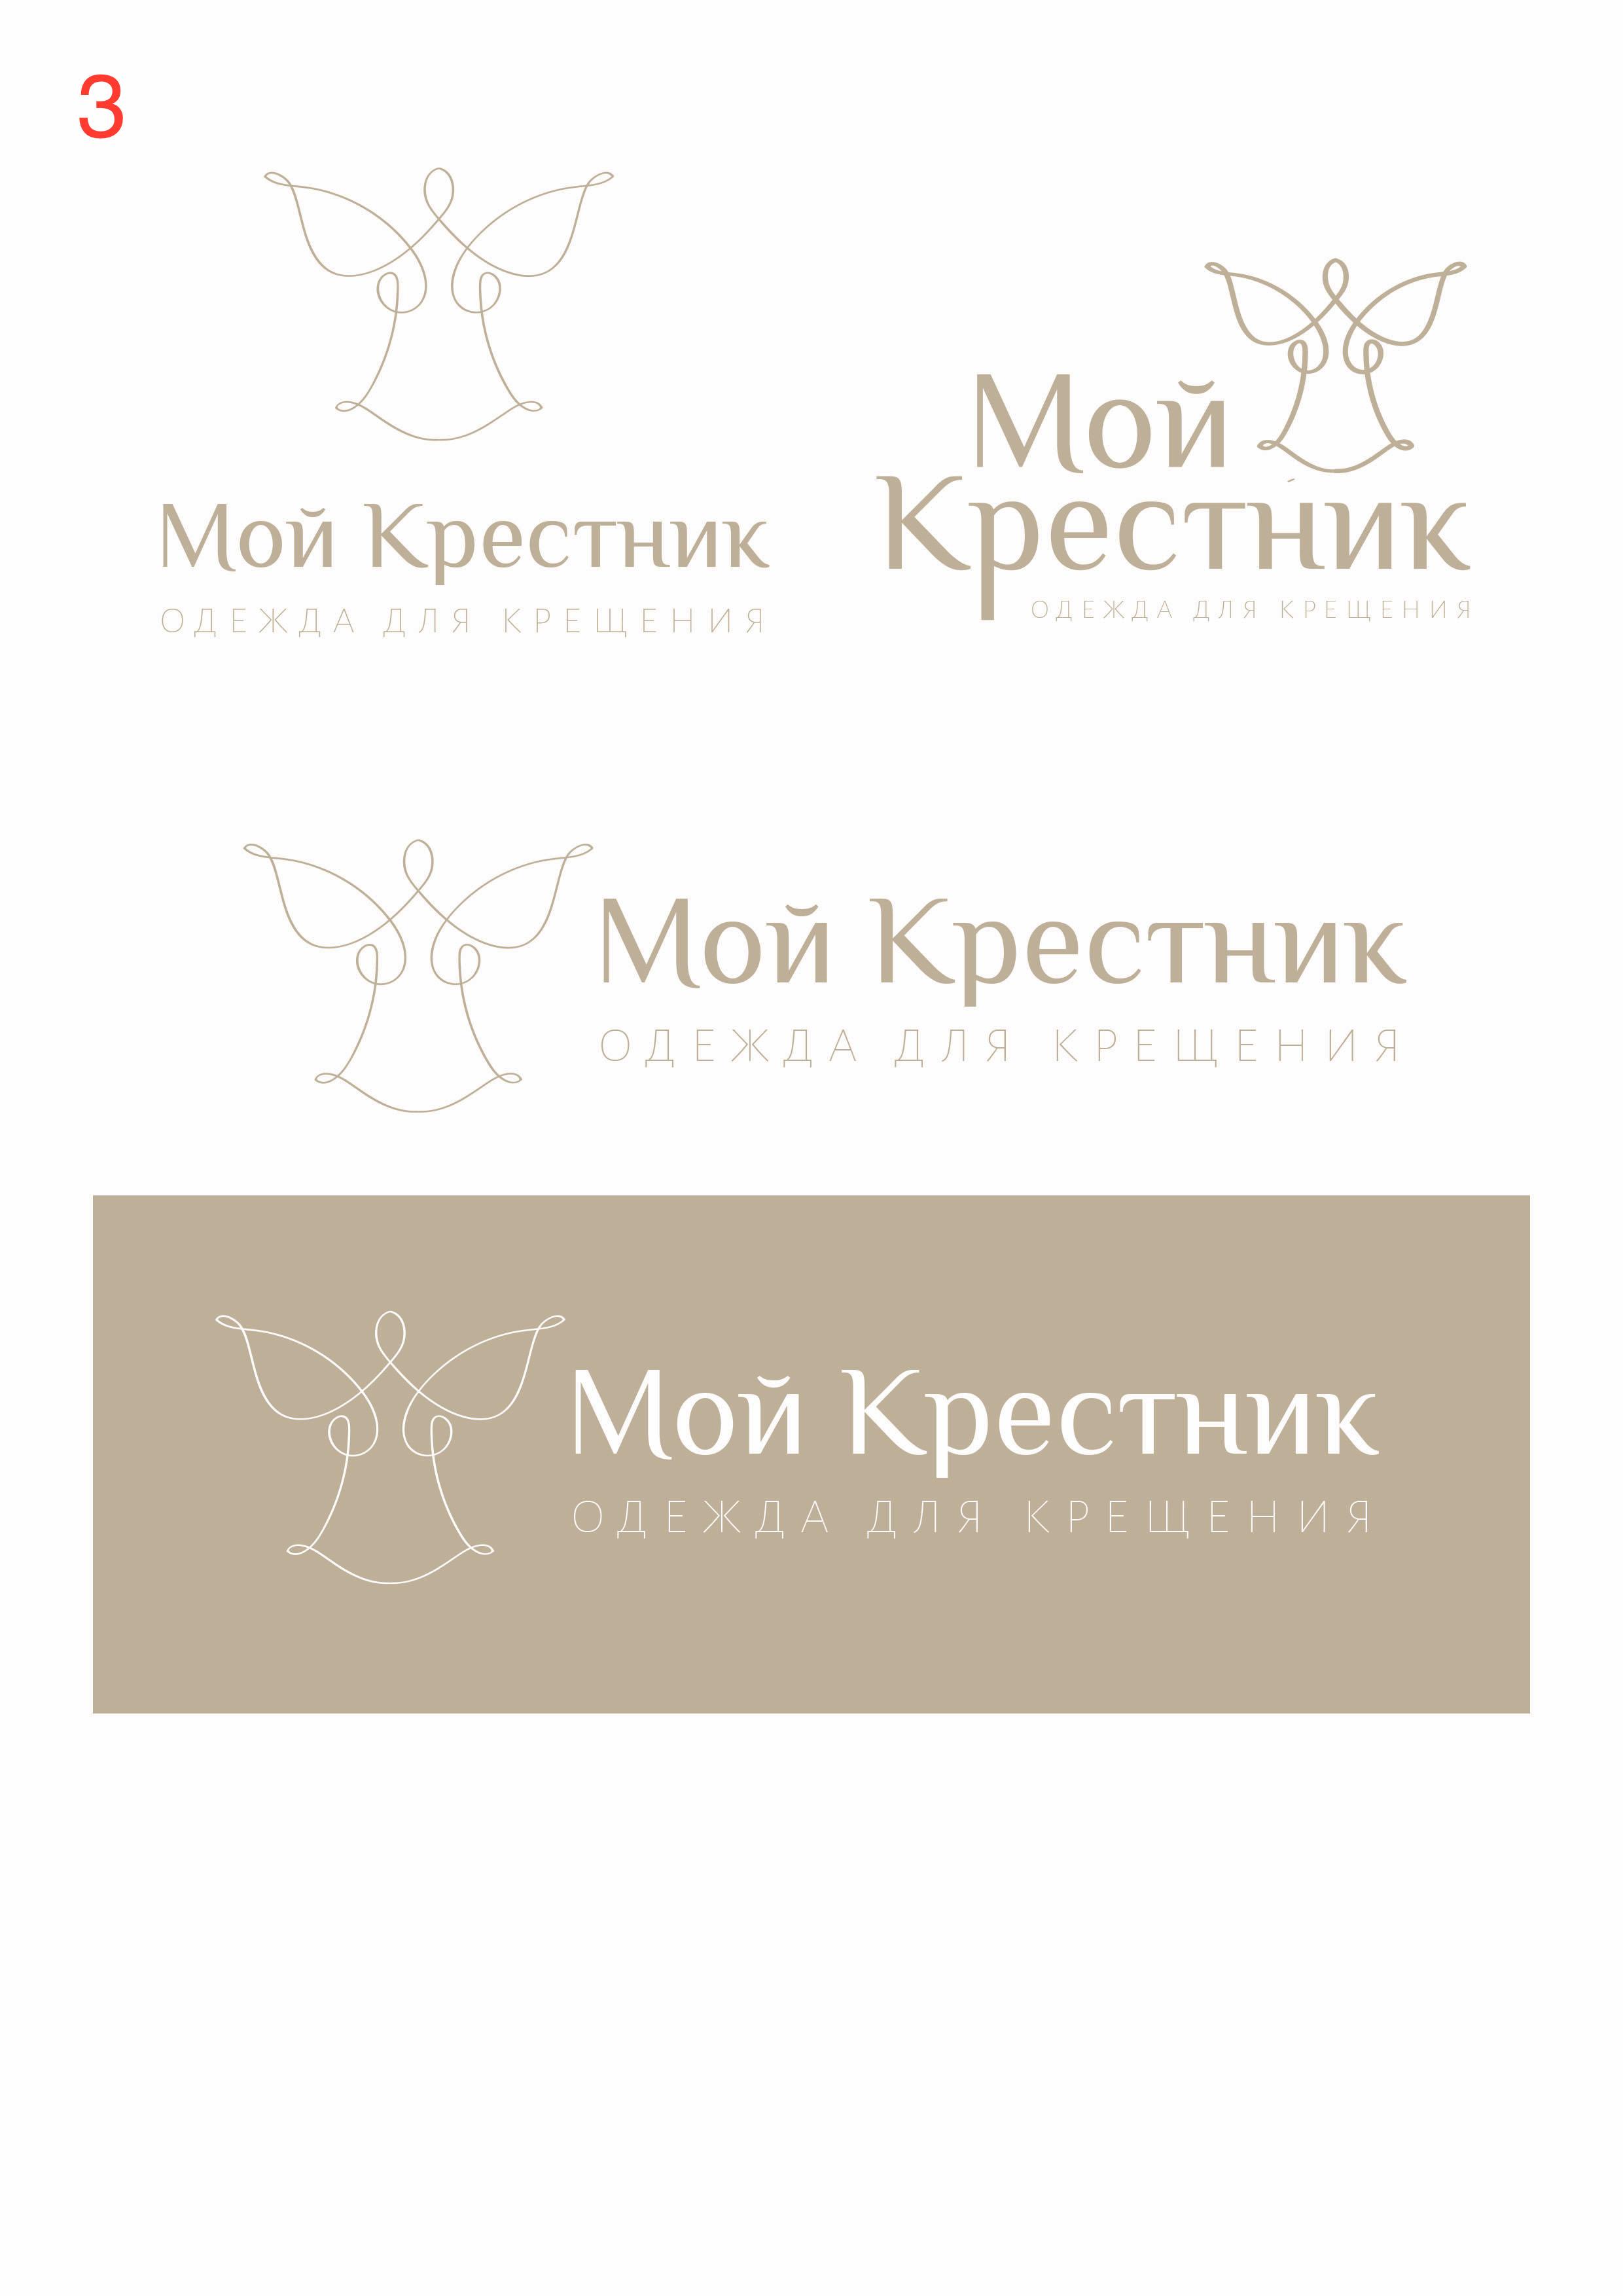 Логотип для крестильной одежды(детской). фото f_1925d57bd2716e89.jpg